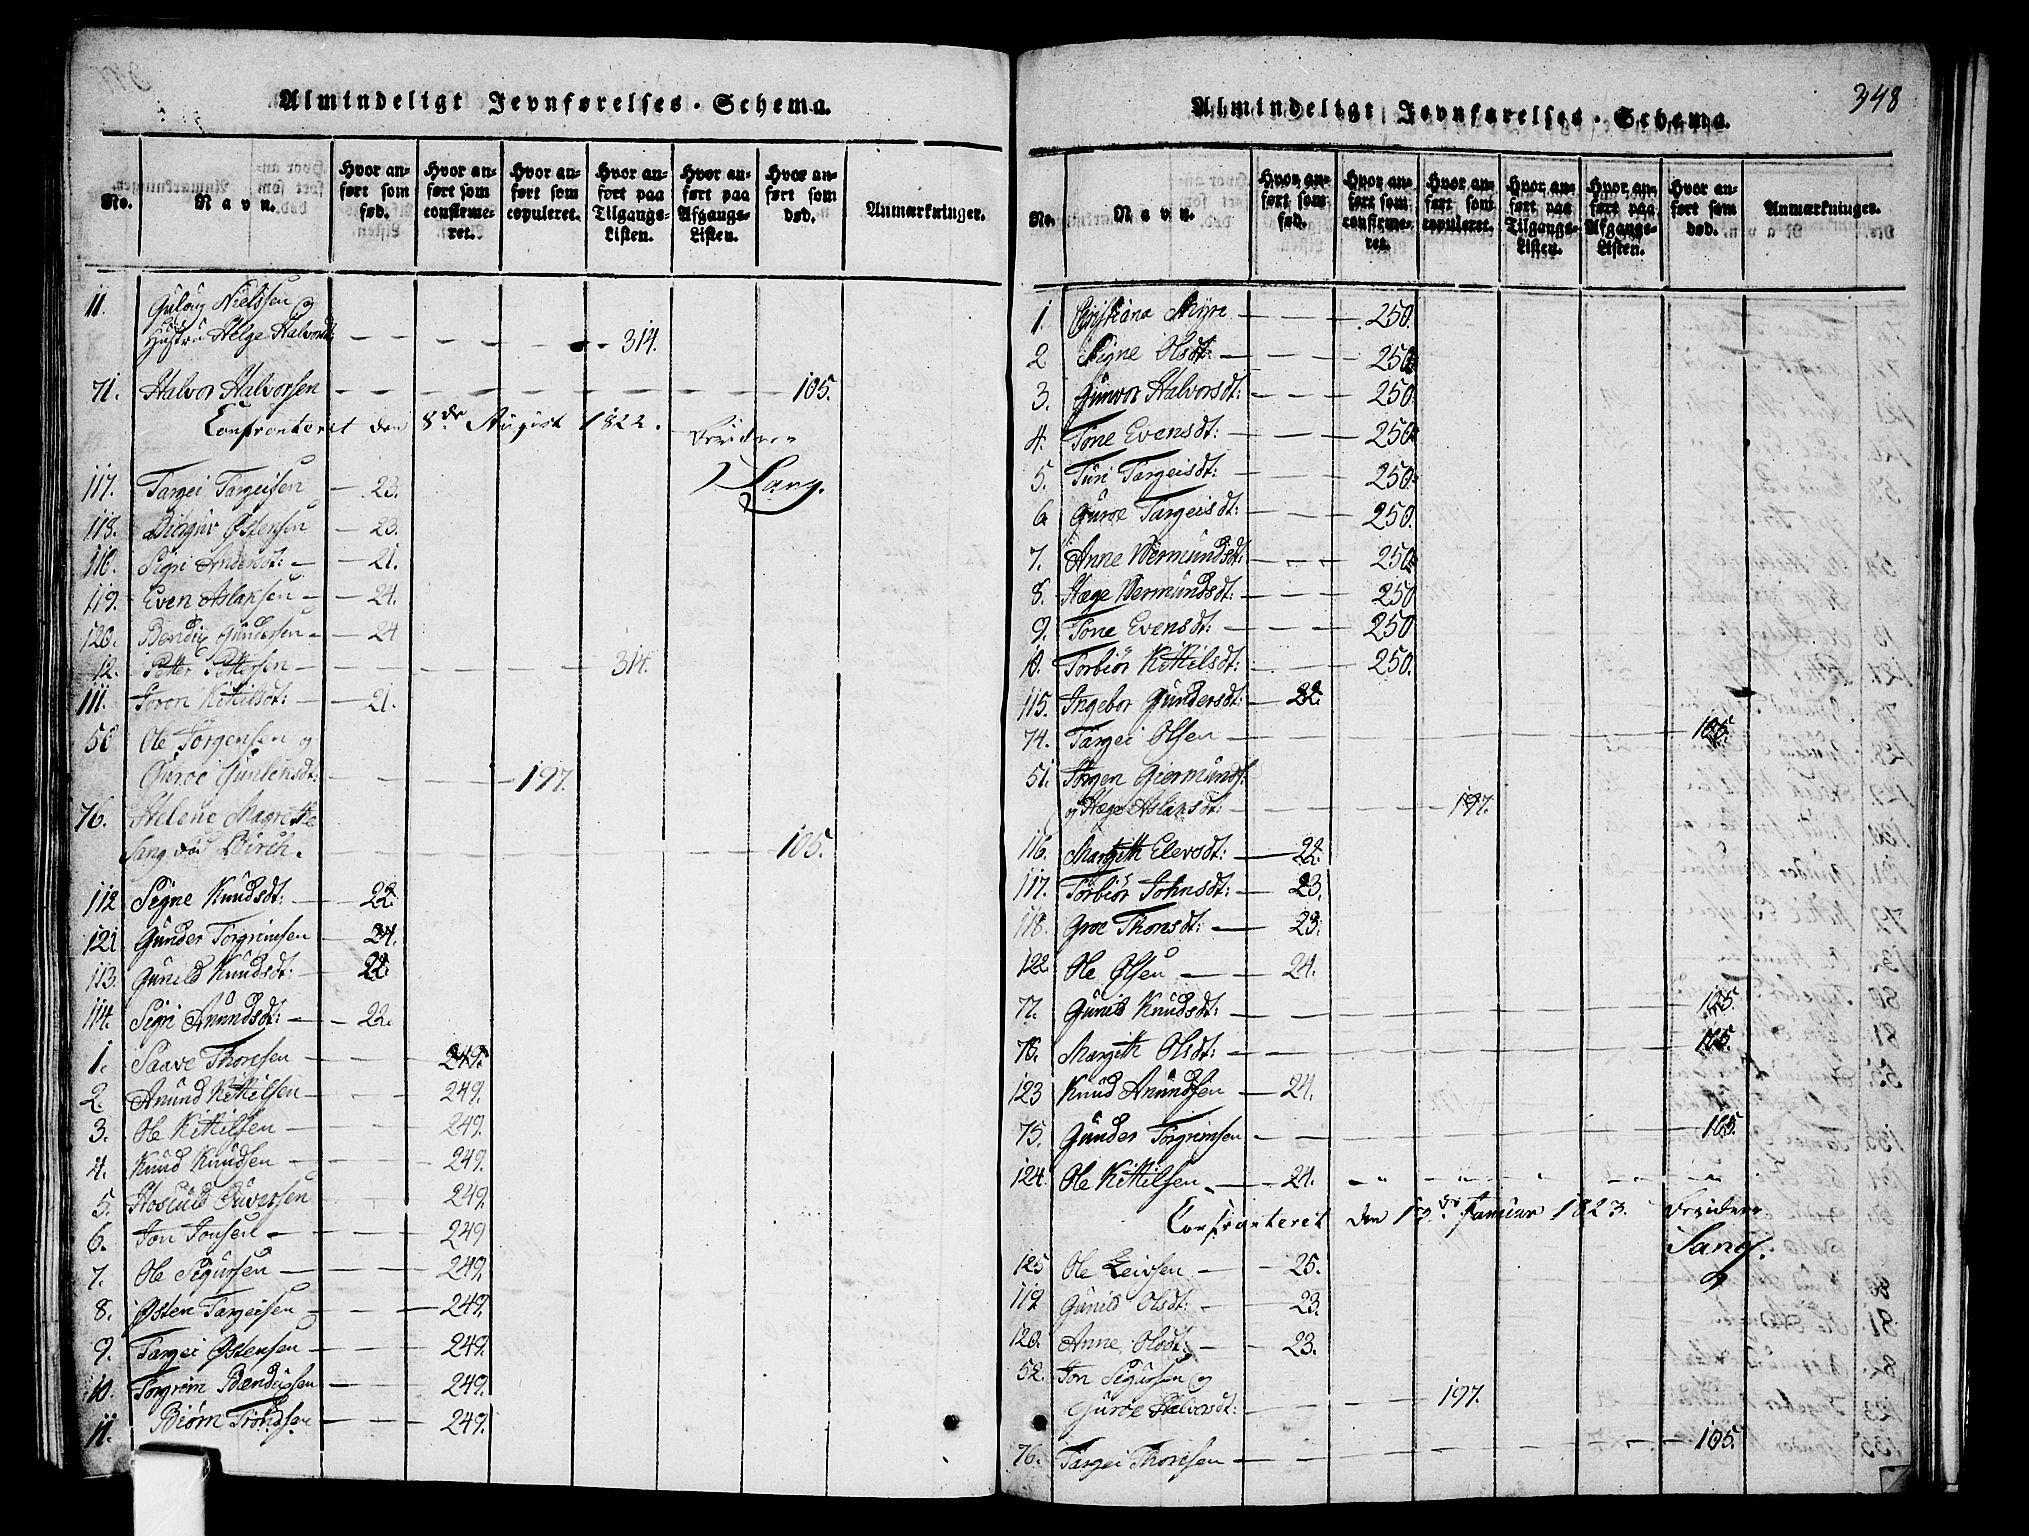 SAKO, Fyresdal kirkebøker, G/Ga/L0001: Klokkerbok nr. I 1, 1816-1840, s. 348